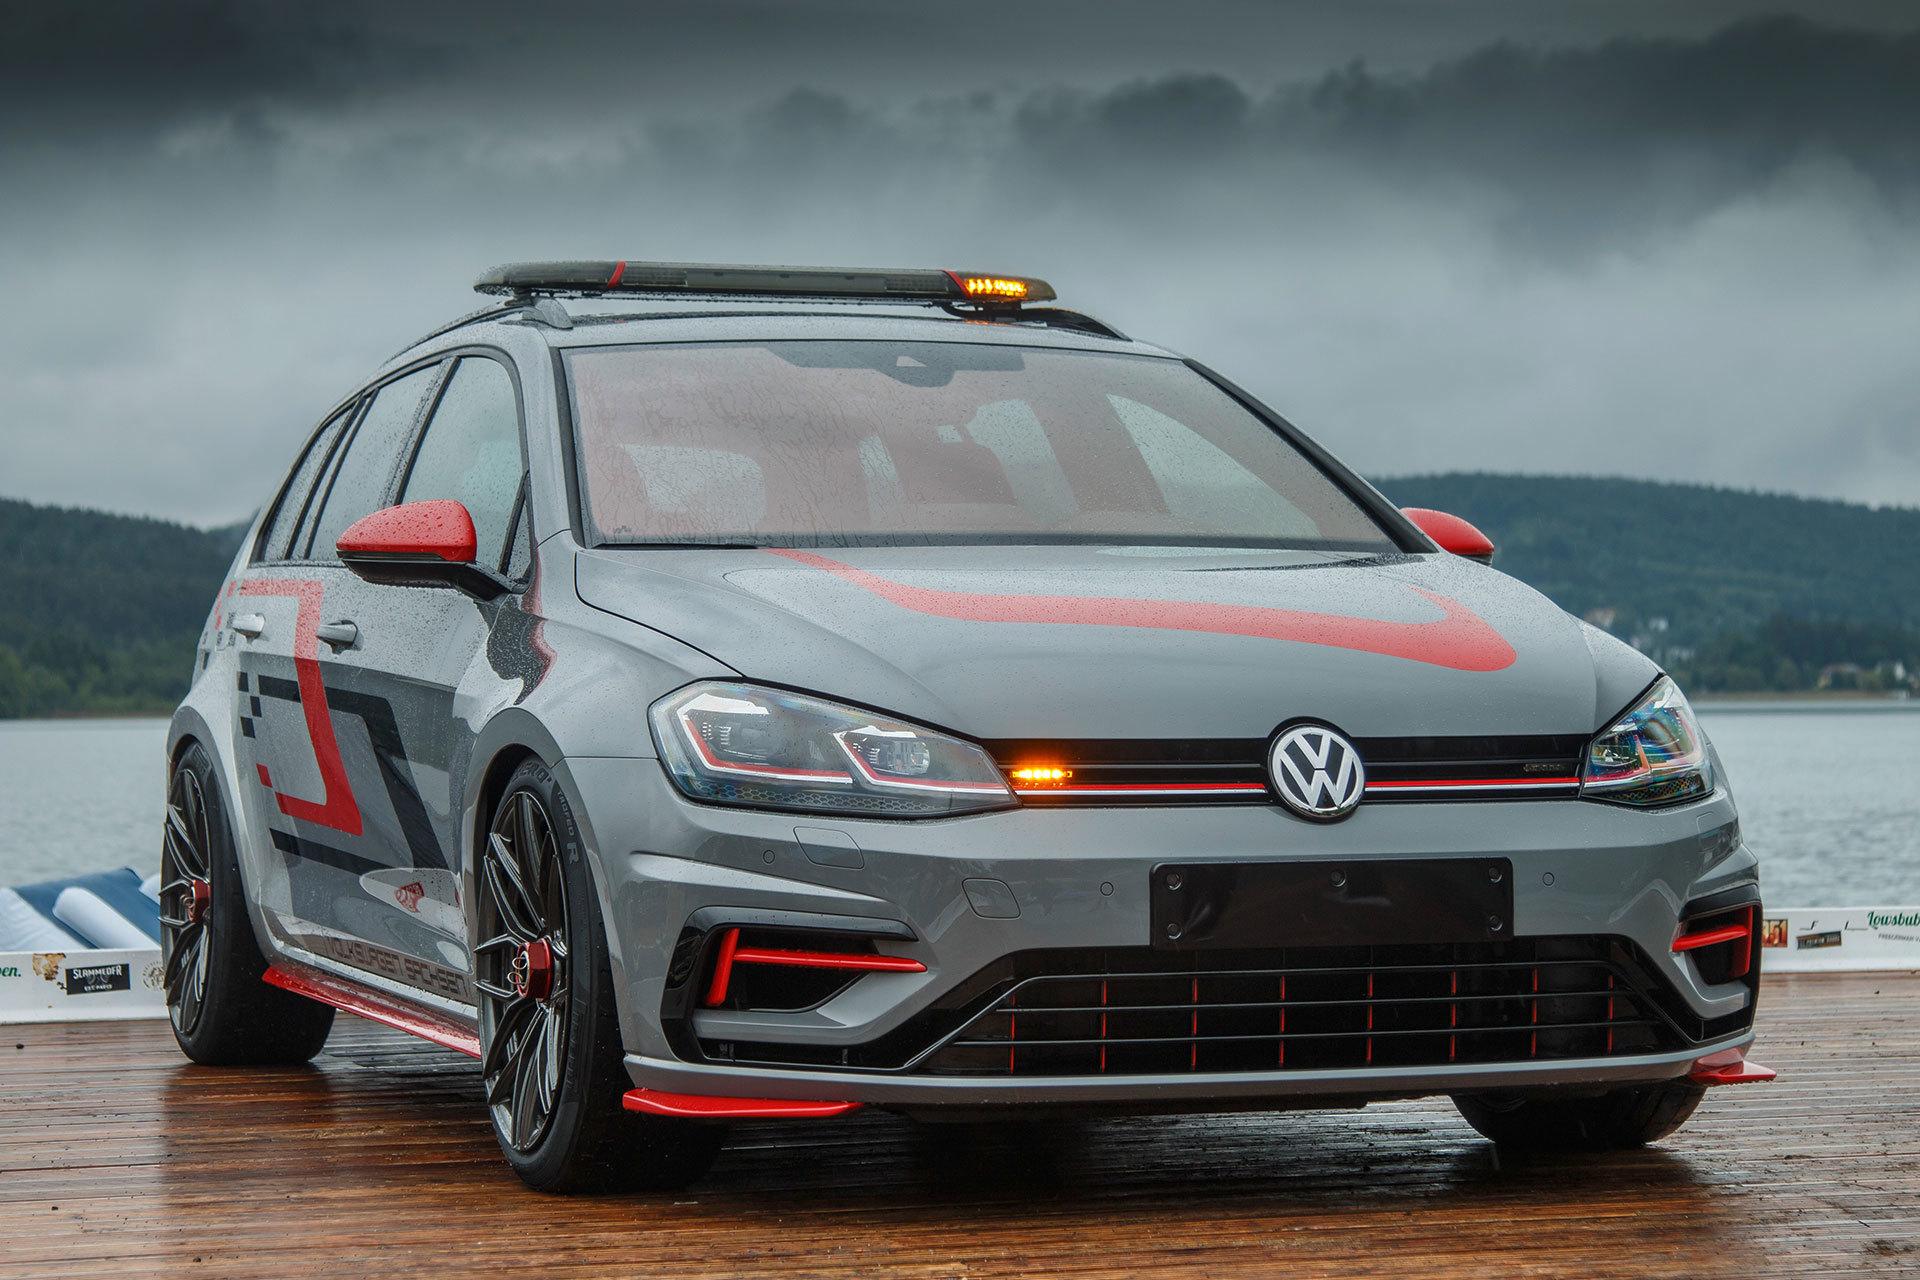 Volkswagen Golf Gti Aurora Estate Fighter 2019 04